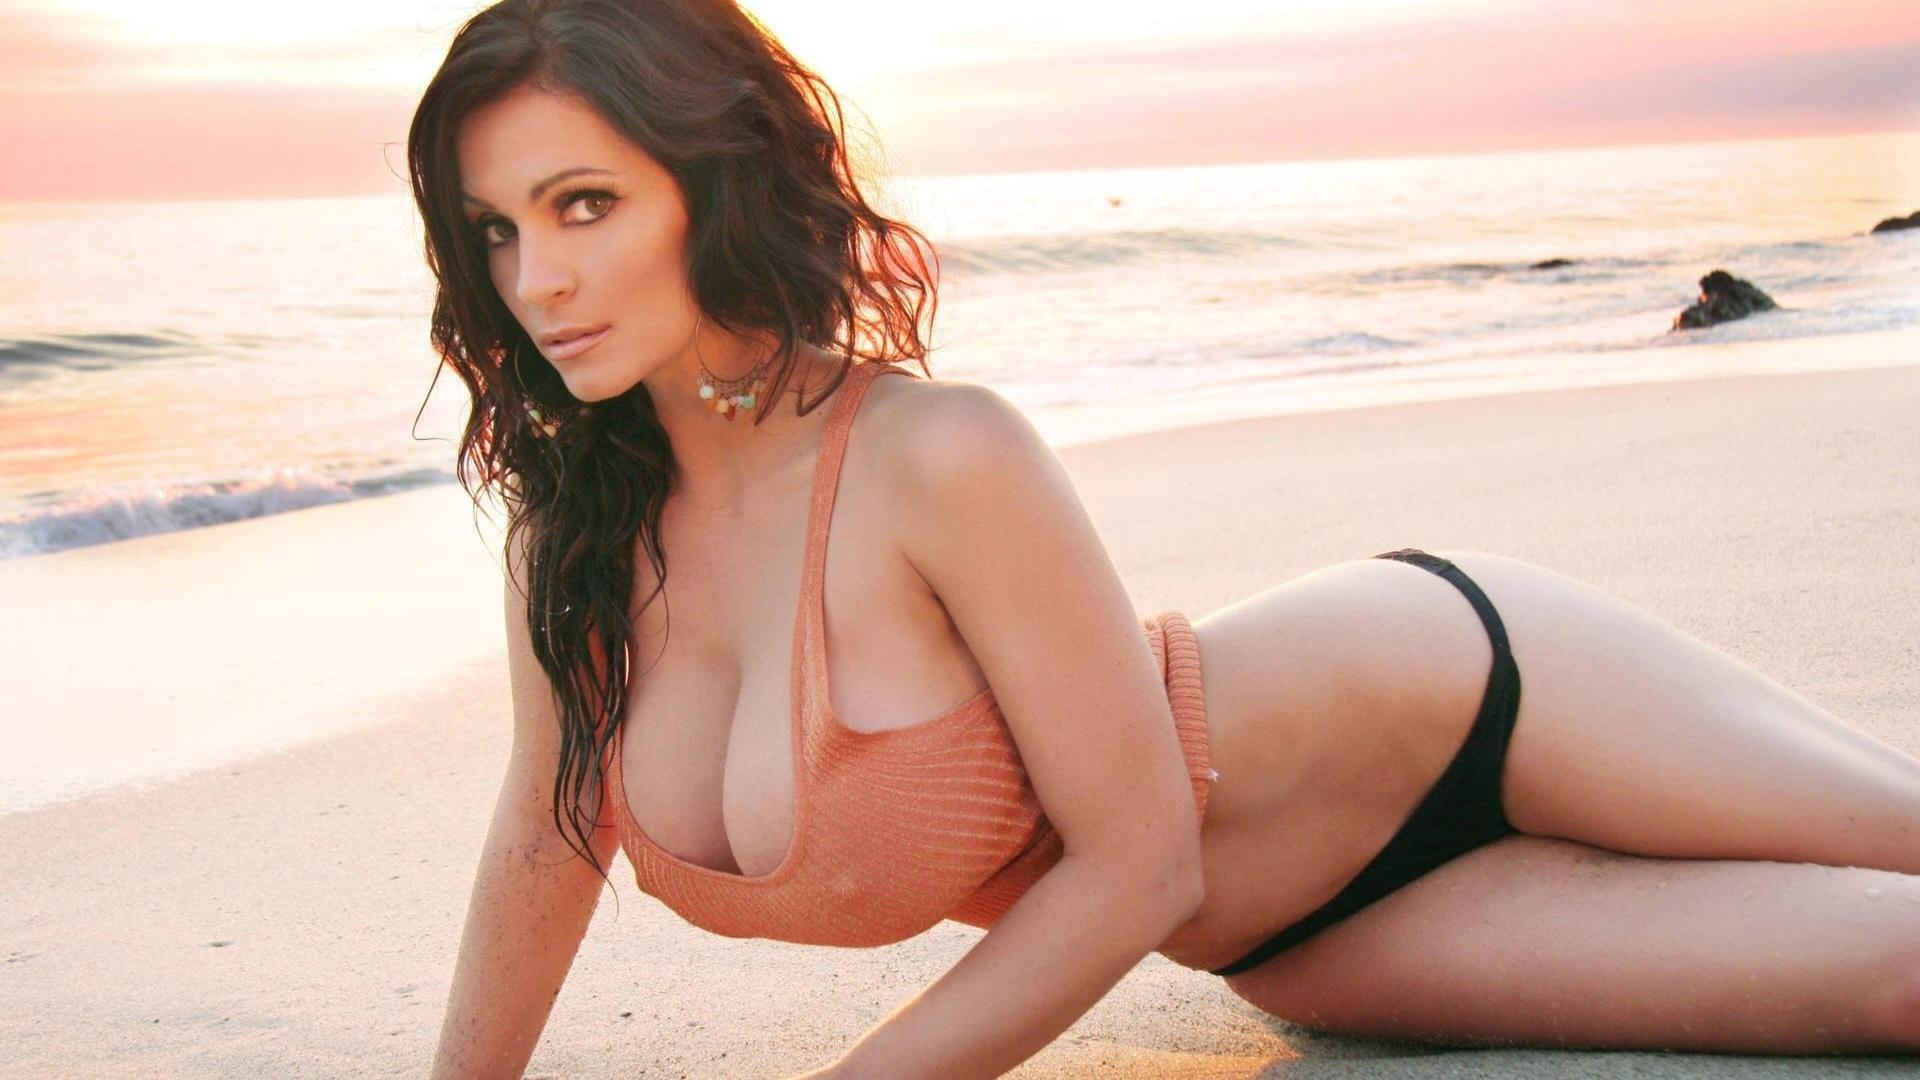 Самые красивые девушки мира с самой красивой грудью 10 фотография